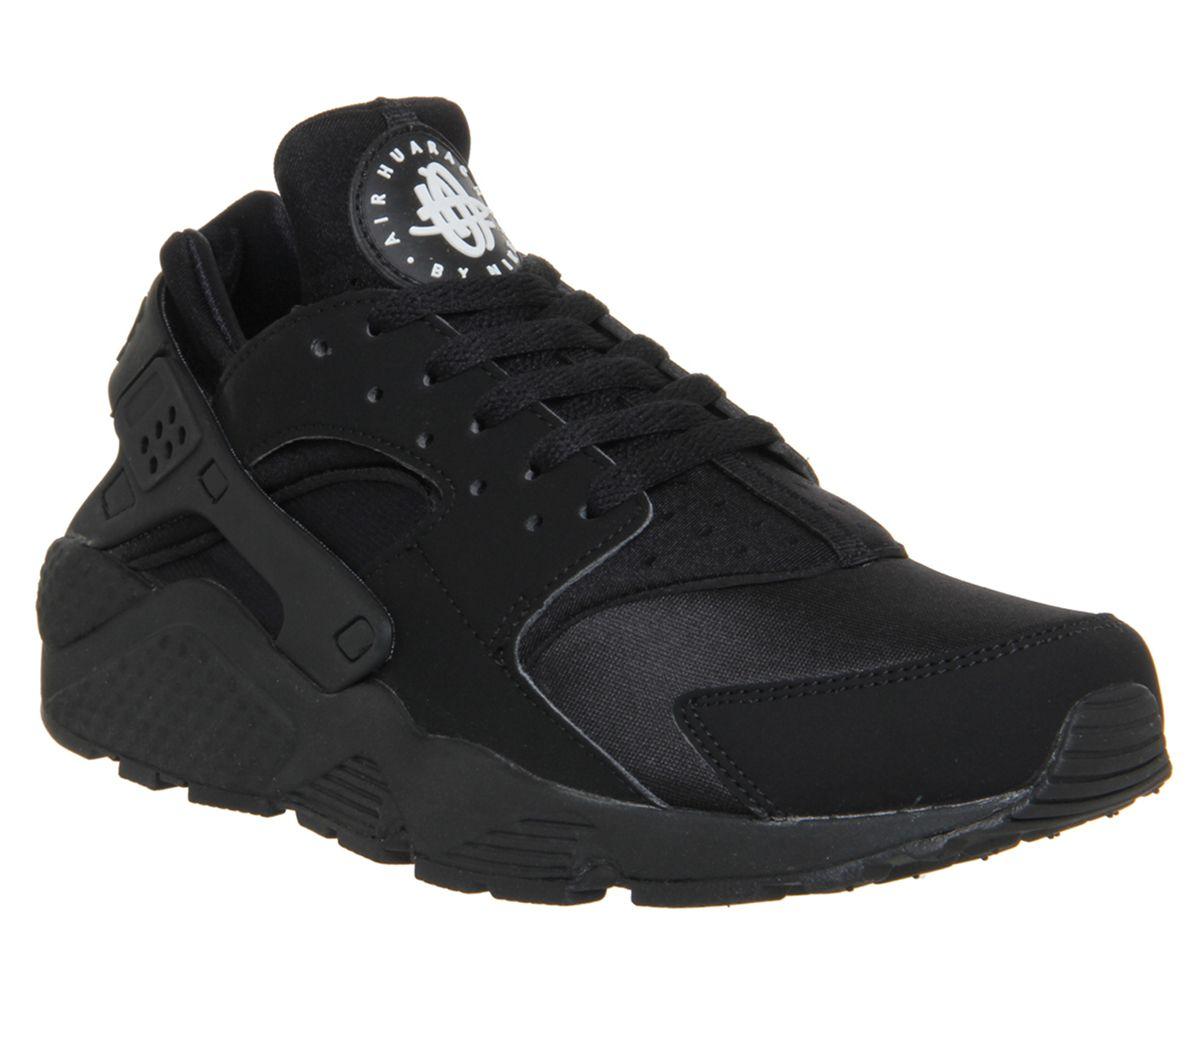 1ca02edc179a Nike Air Huarache Black Mono - Unisex Sports